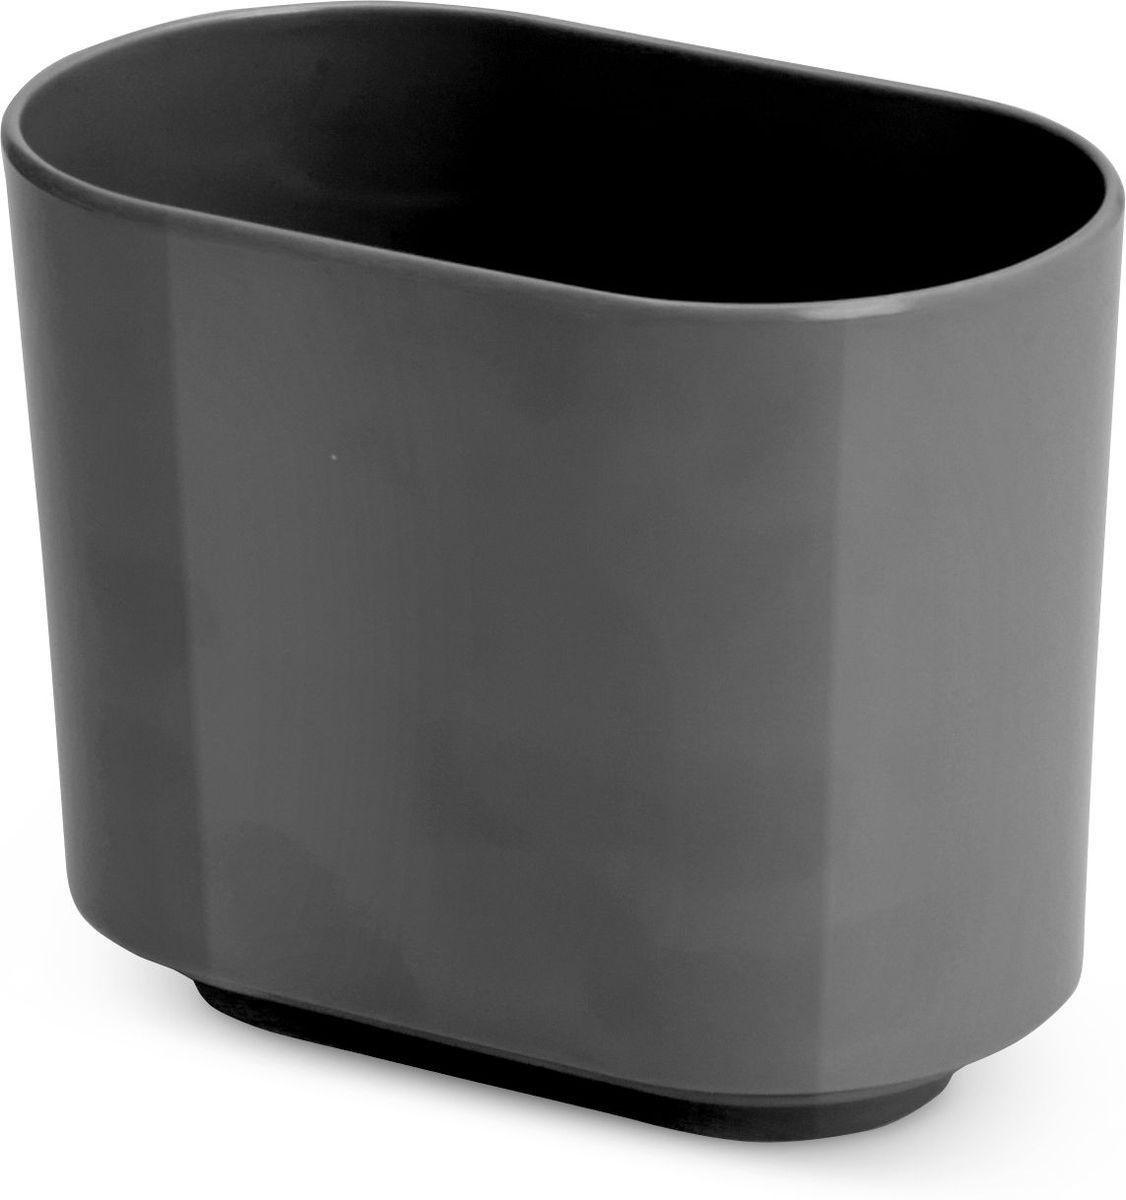 Стакан для зубных щеток Umbra Step, цвет: темно-серый, 7,5 х 10 х 12,5 см023836-149Step – коллекция минималистичных и функциональных предметов, изготовленных из меламина. Вместительная подставка послужит для хранения зубных щеток всех членов семьи. Дизайн: Tom Chung